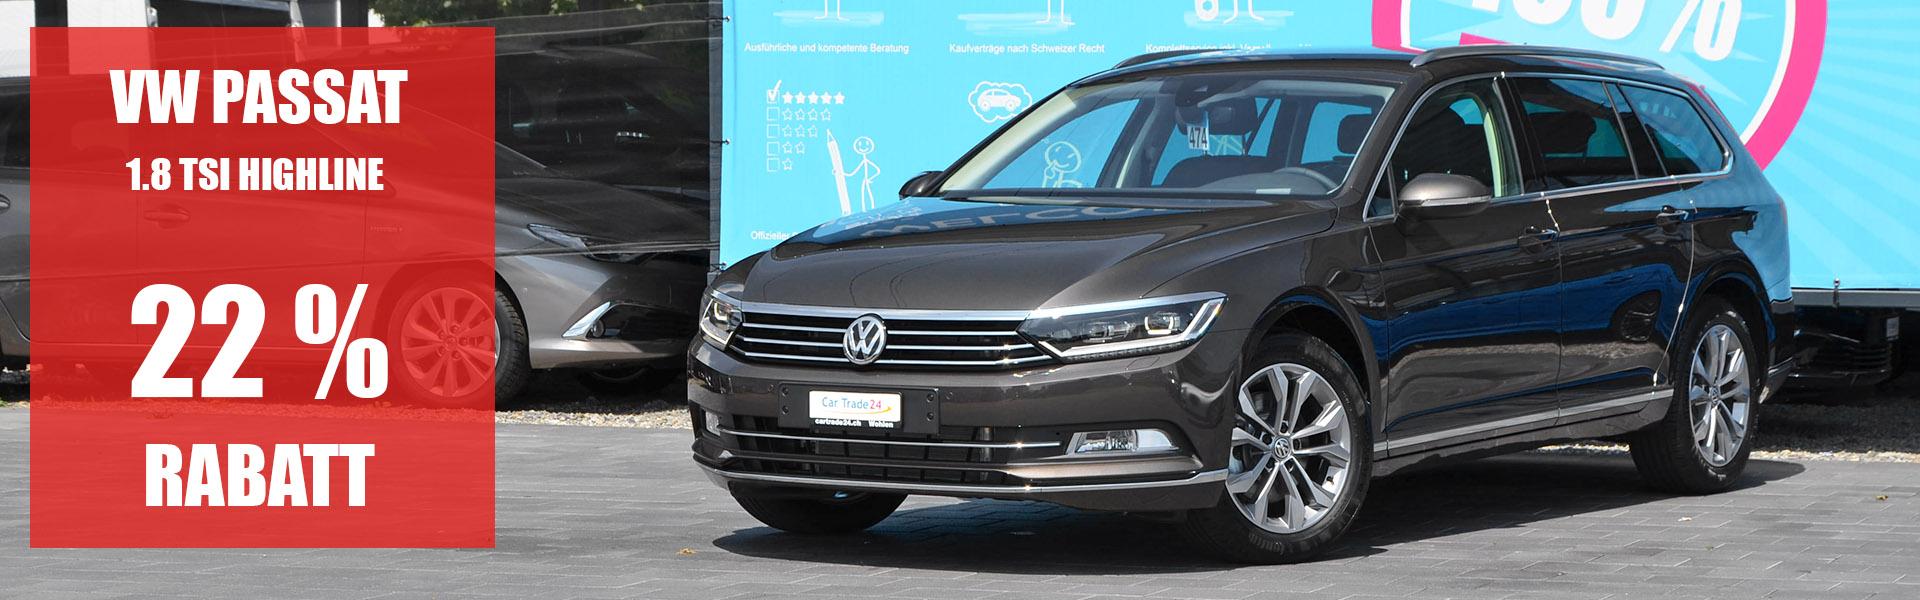 VW-Passat-braun